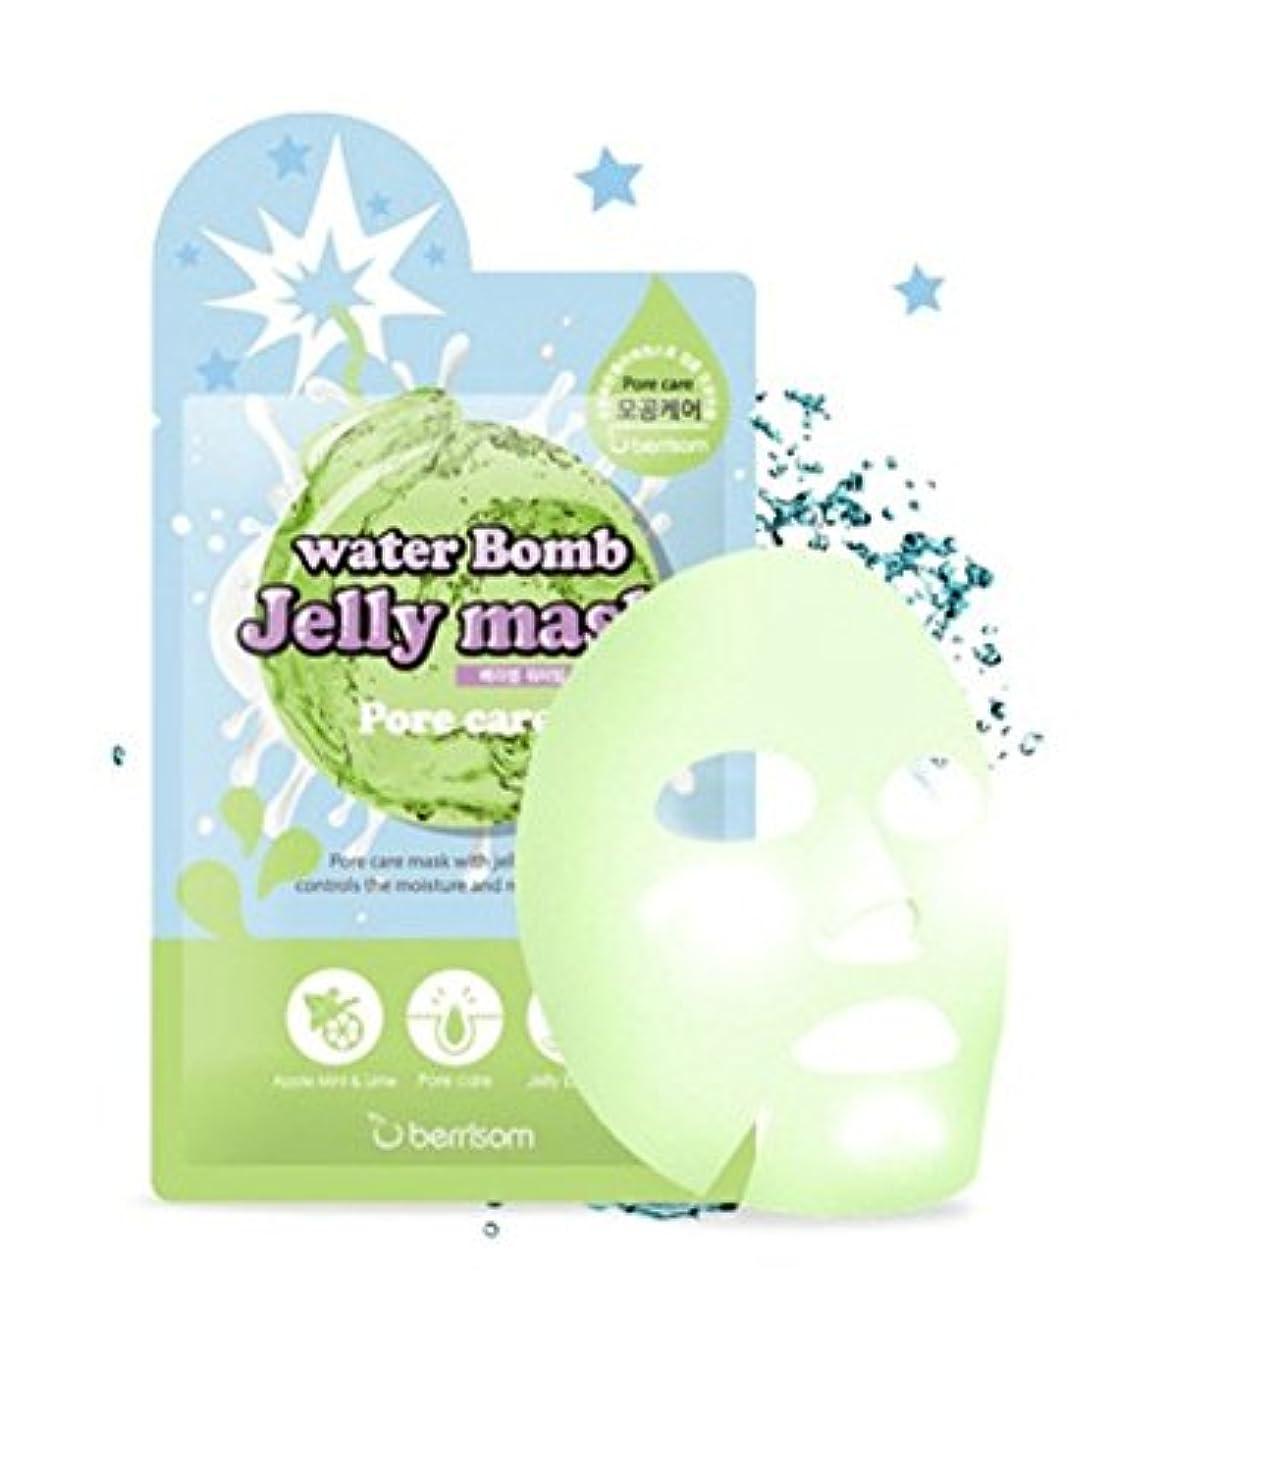 スツールあいまい素敵なベリサム(berrisom) ウォーター爆弾ジェリーマスクパック Water Bomb Jelly Mask #毛穴ケアー